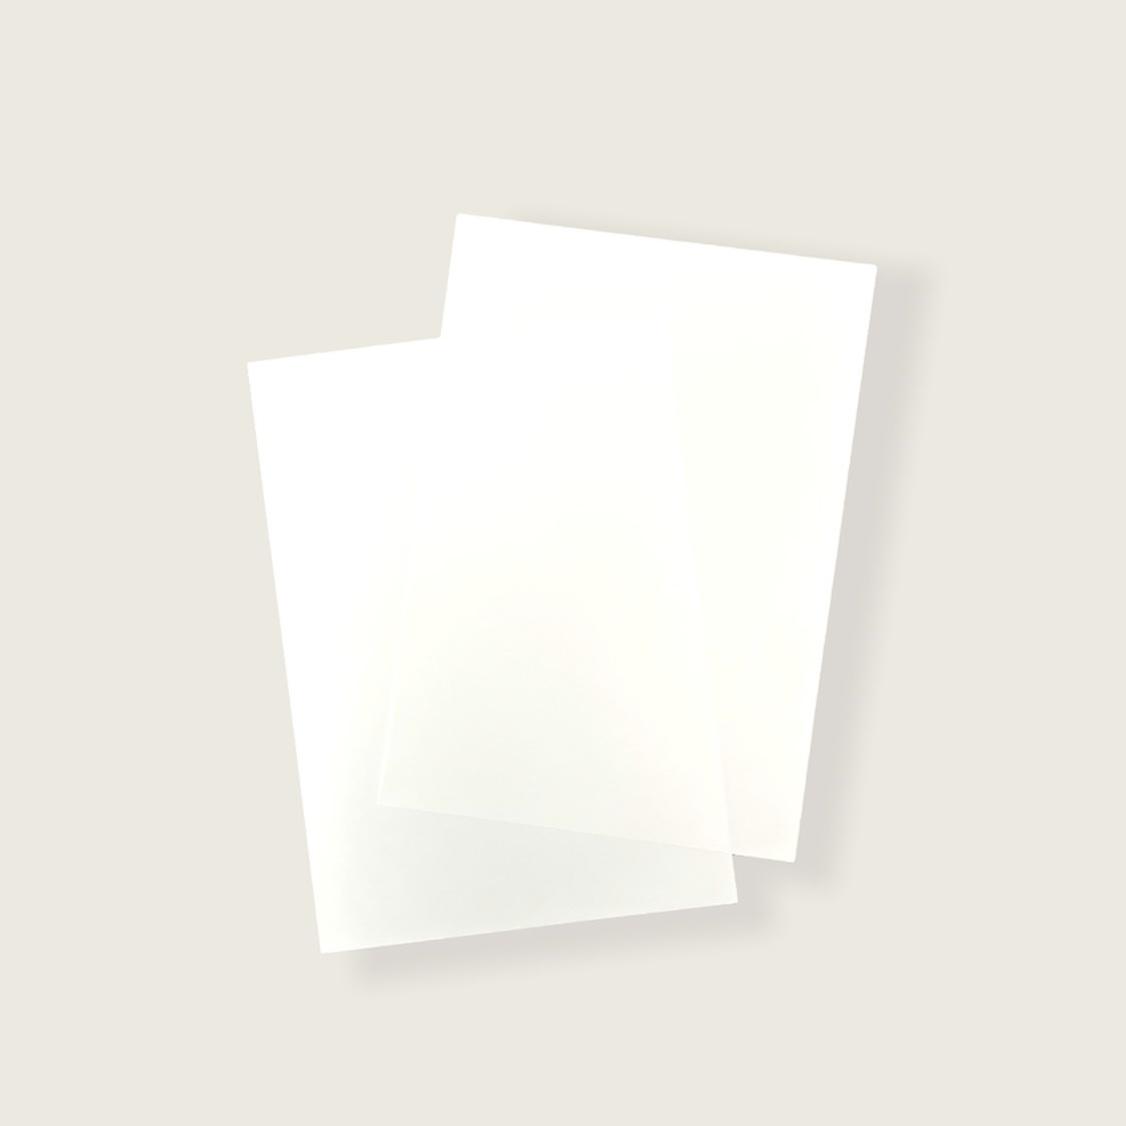 ユポ紙 : A5サイズ10枚セット画像